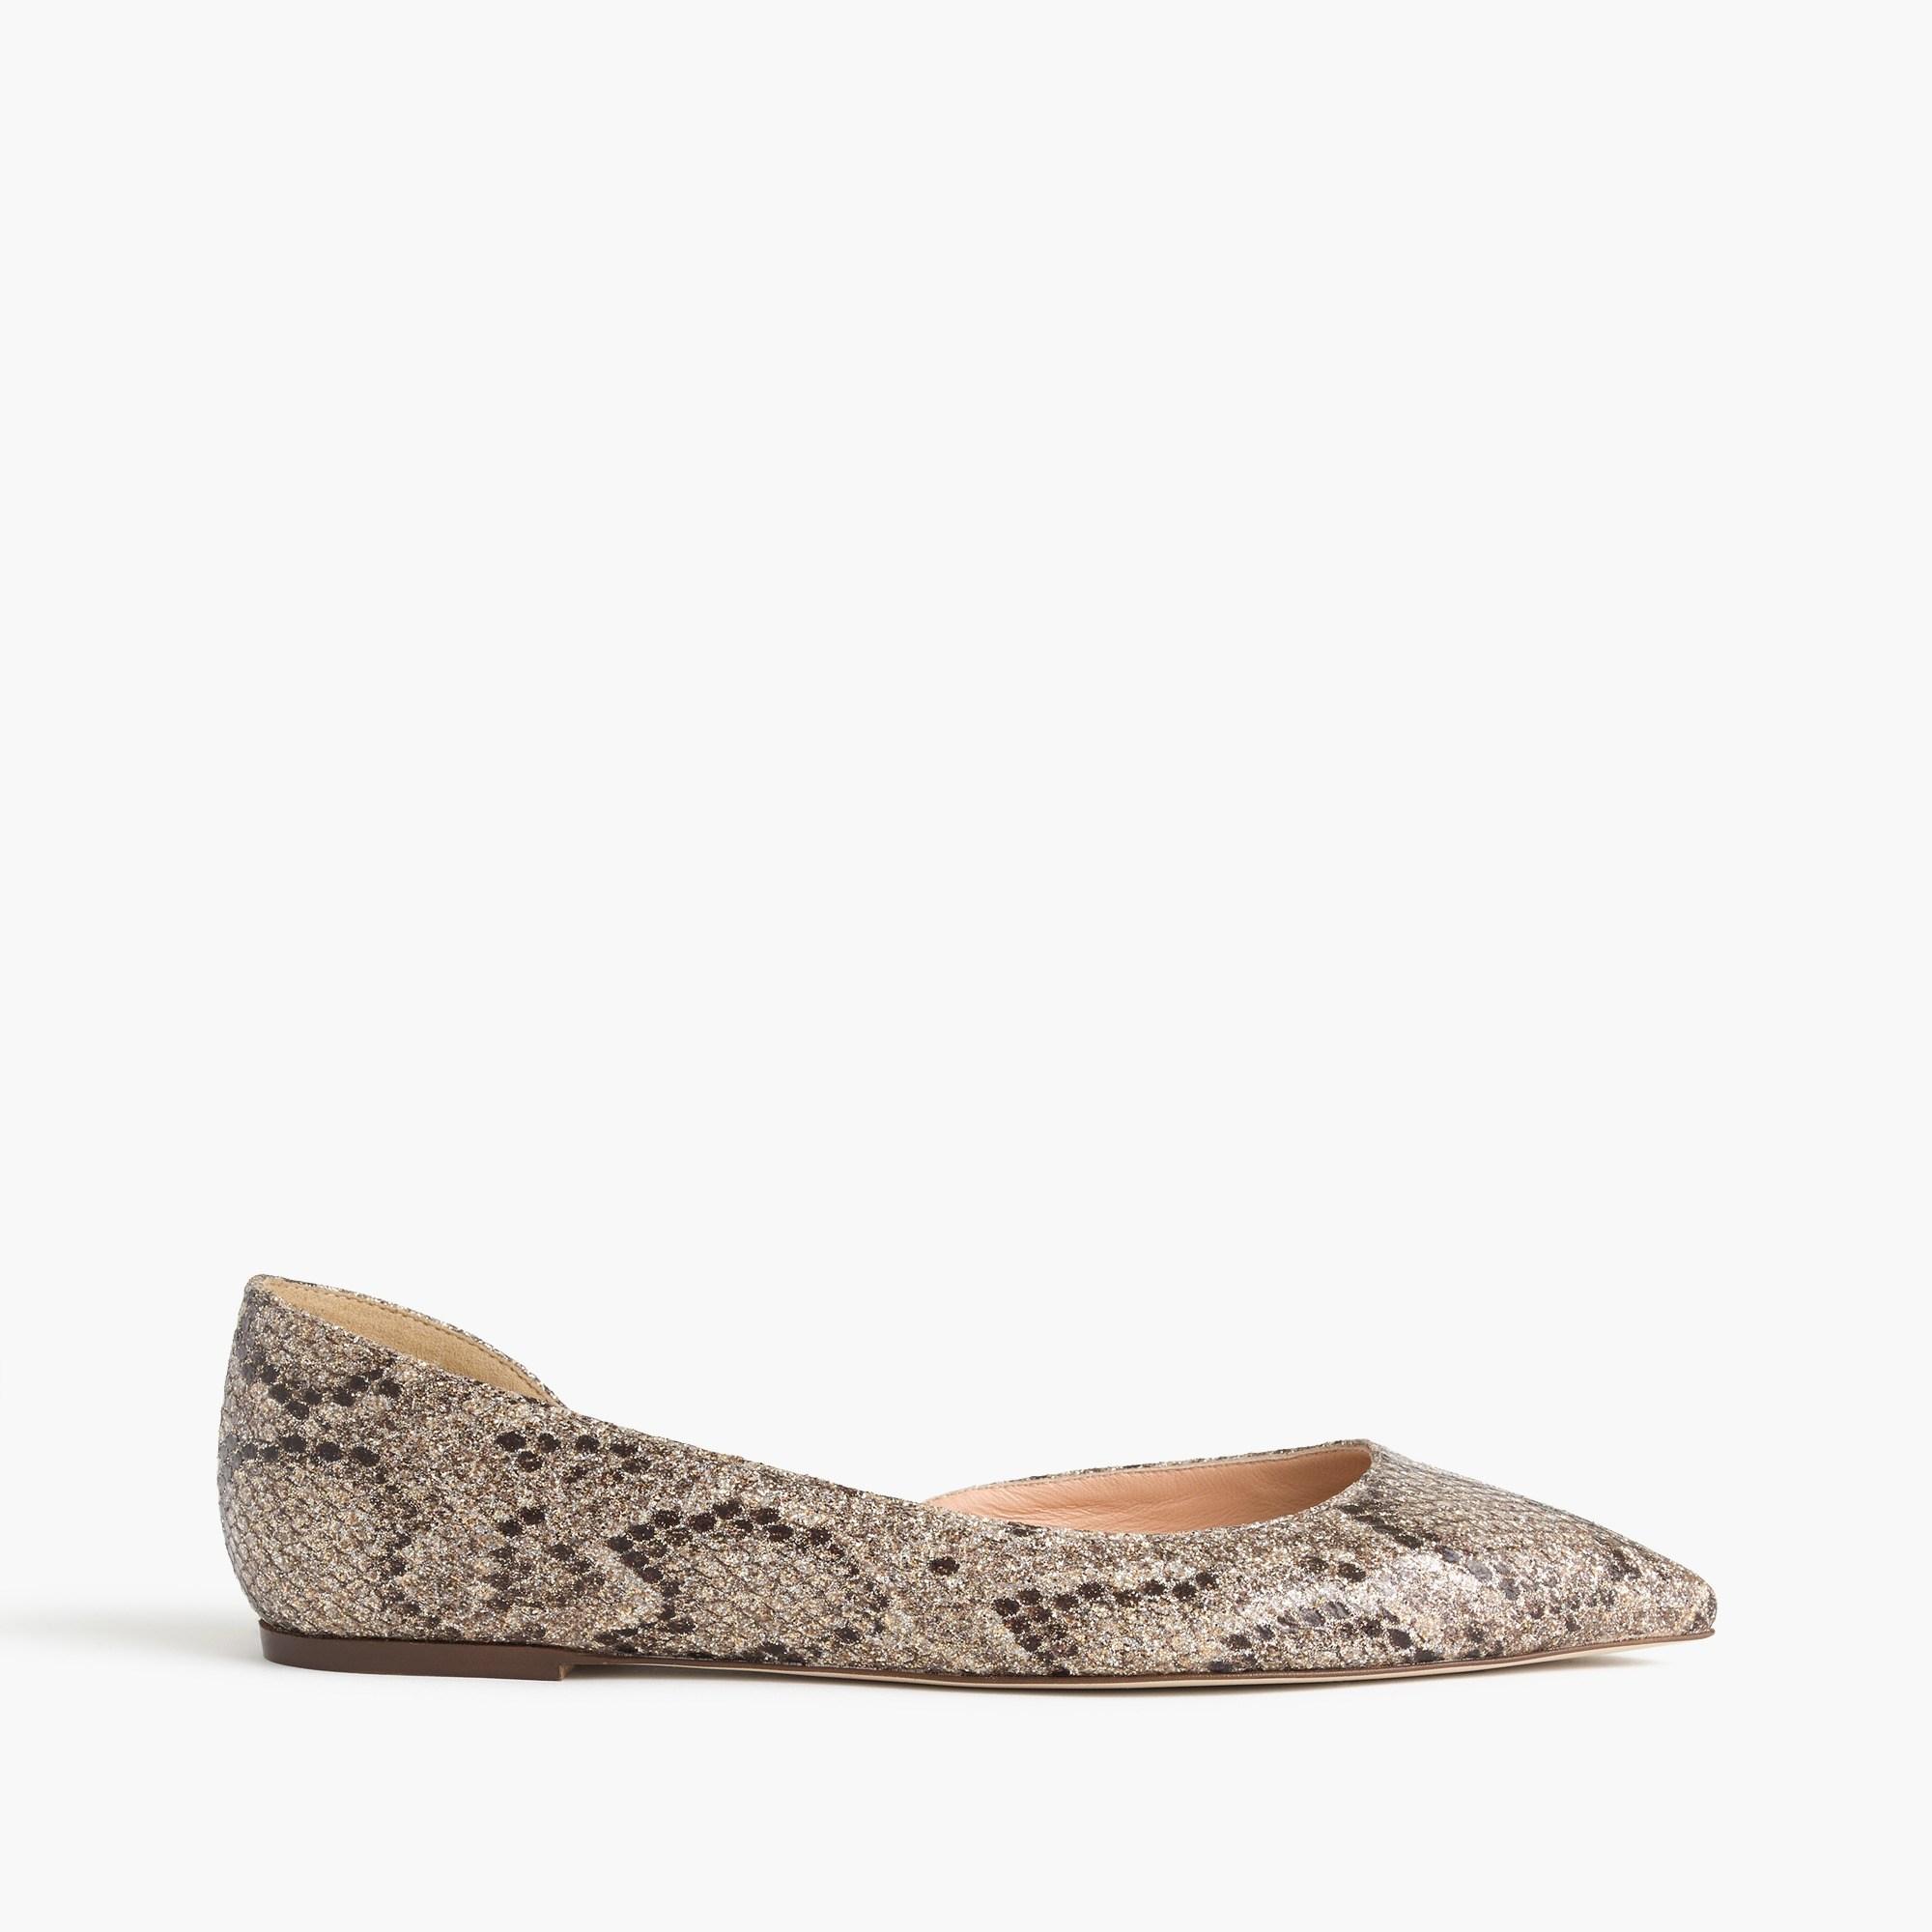 Audrey glitter flats : Women shoes | J.Crew